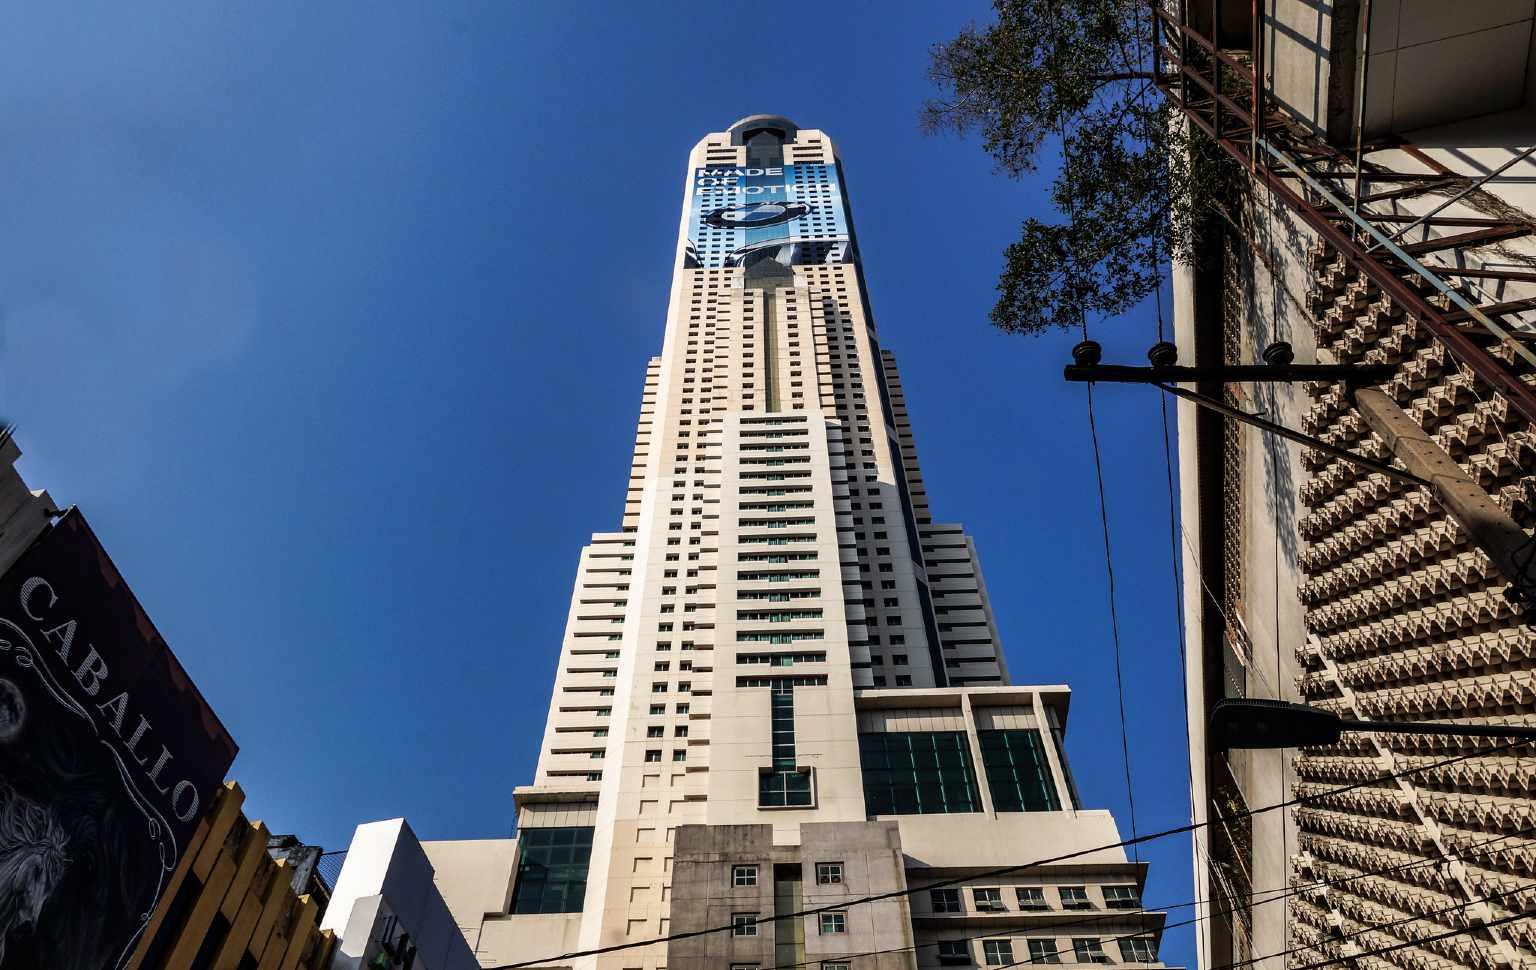 Het inmense Baiyoke Tower II in Bangkok